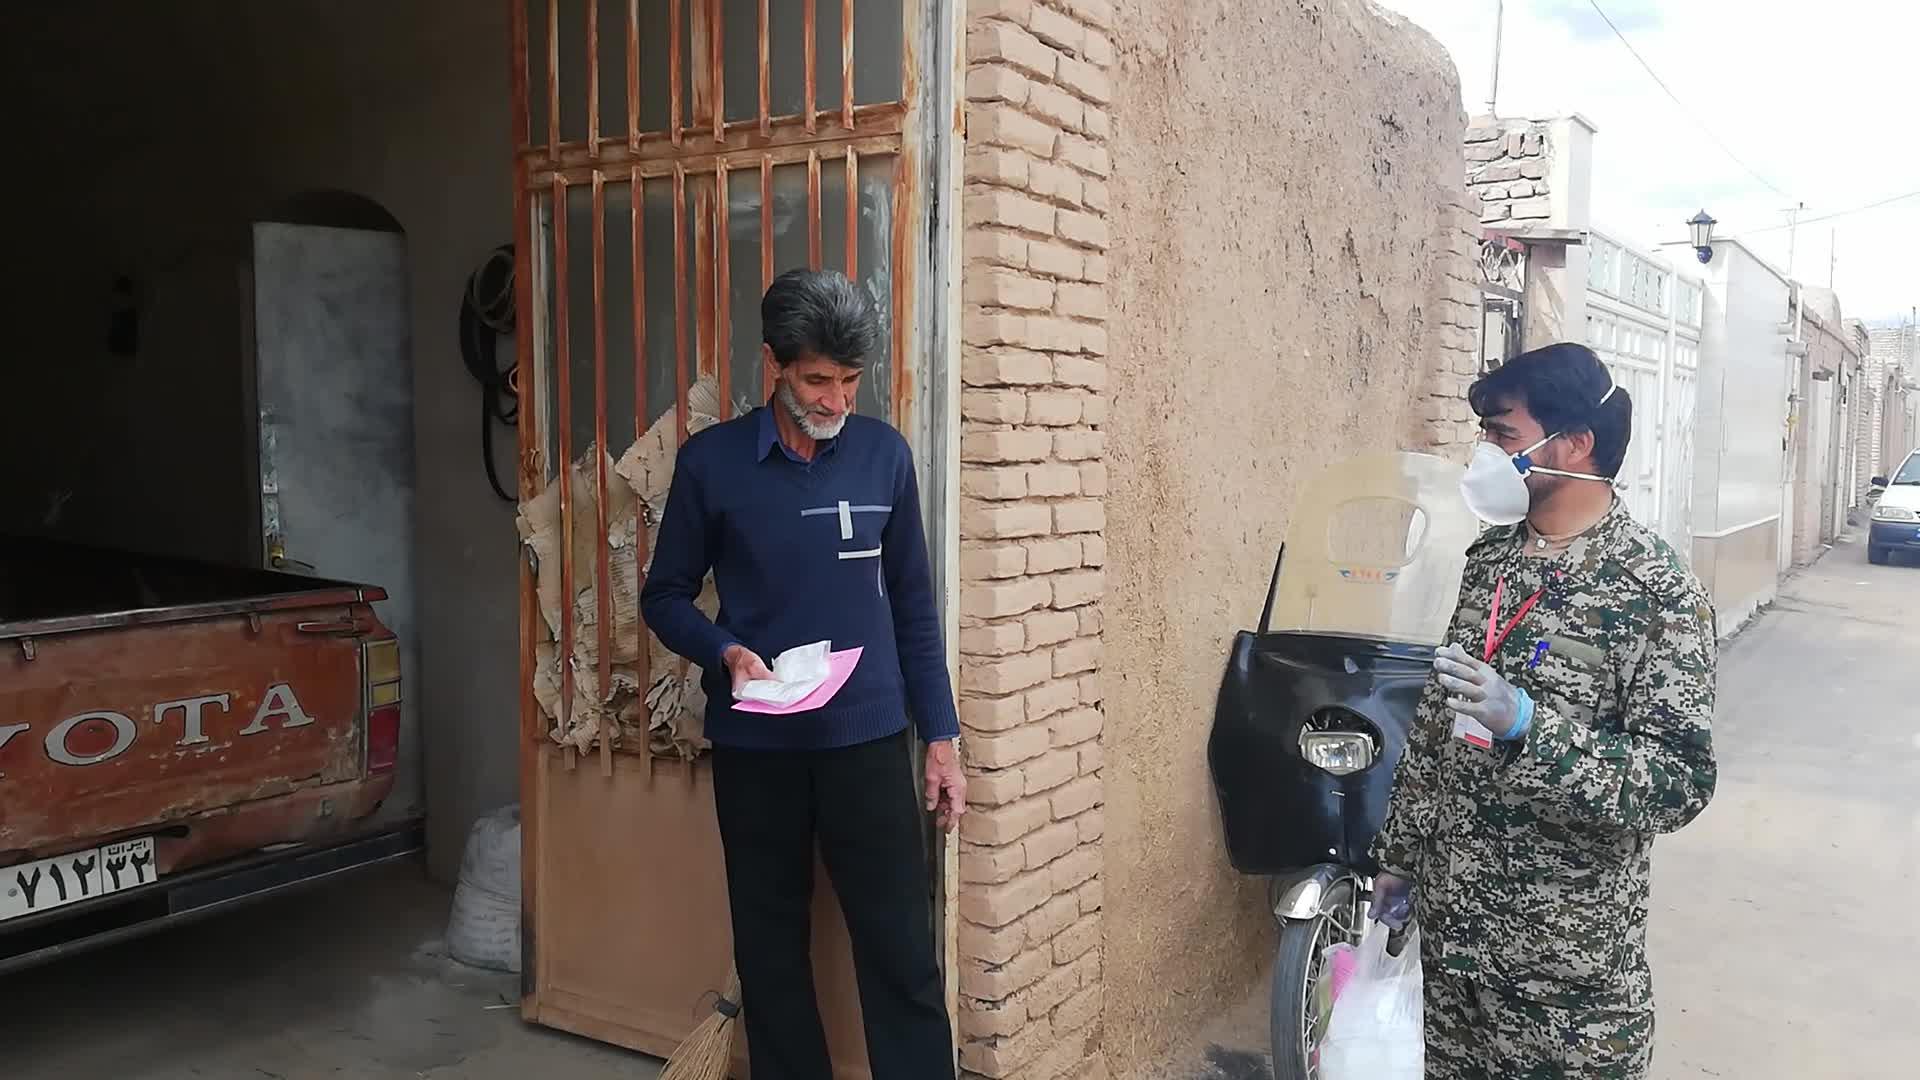 توزیع خانه به خانه پک بهداشتی رایگان در آیسک سرایان